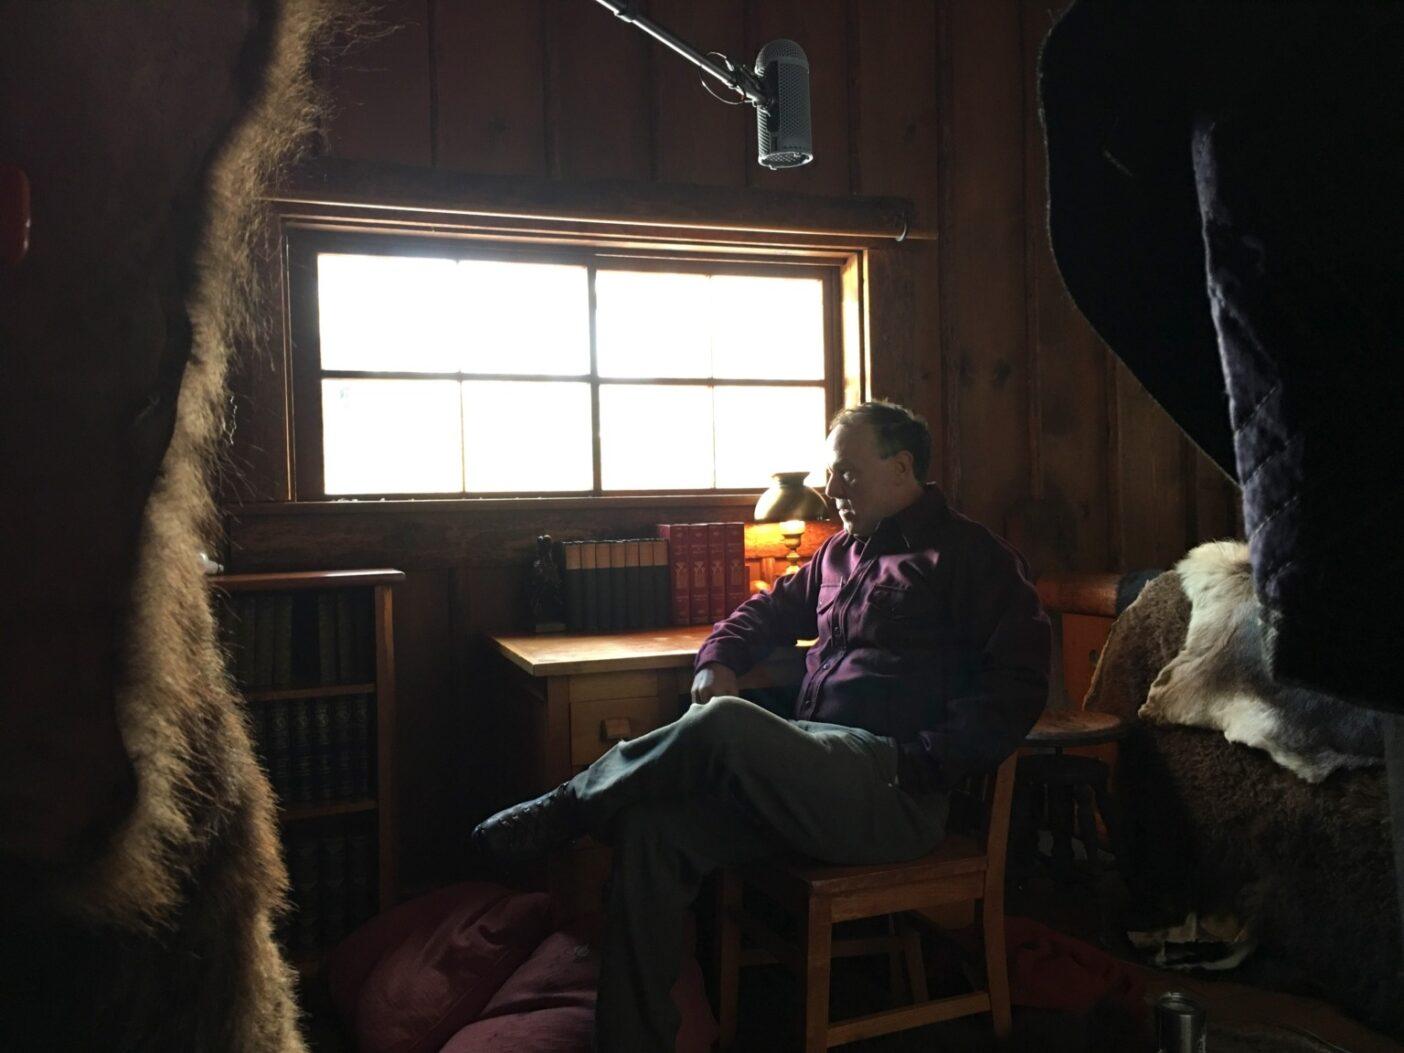 ハル・ハーリングとモンタナ州グリーナフのブラックフット・リバーの上流にあるフアニタ・ベロのEバーL牧場で3日撮影したあと。僕らがロッジで見つけたバッファローの皮はエコーを抑え、音質を高めてくれた。Photo:Jeremy Hunter Rubingh